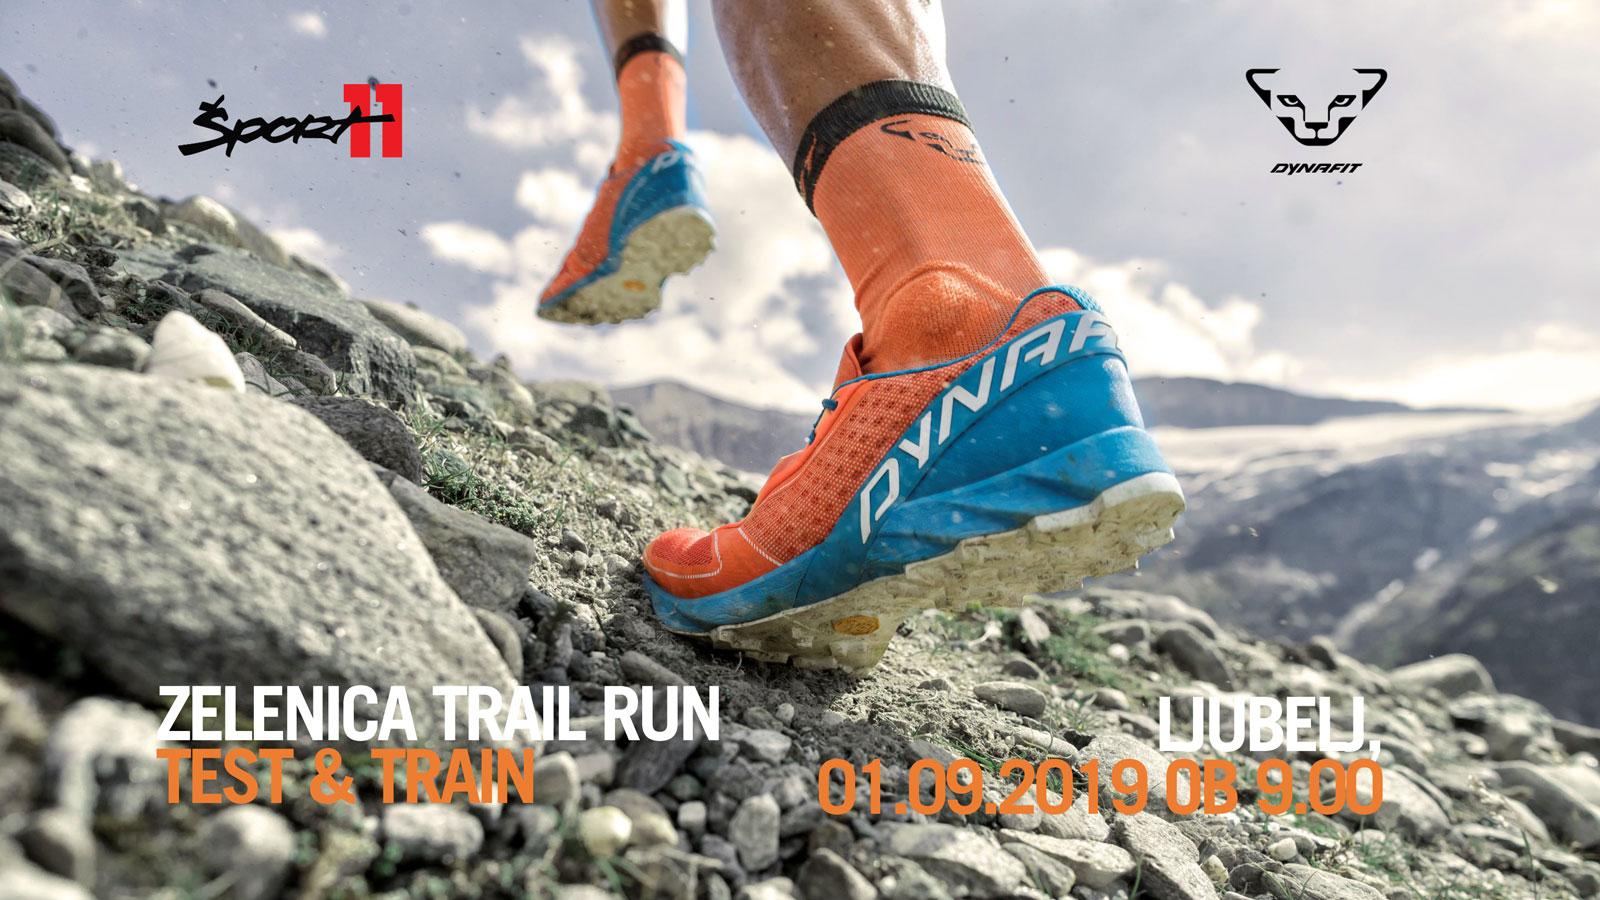 Zelenica Trail run 2019-ljubelj tržič